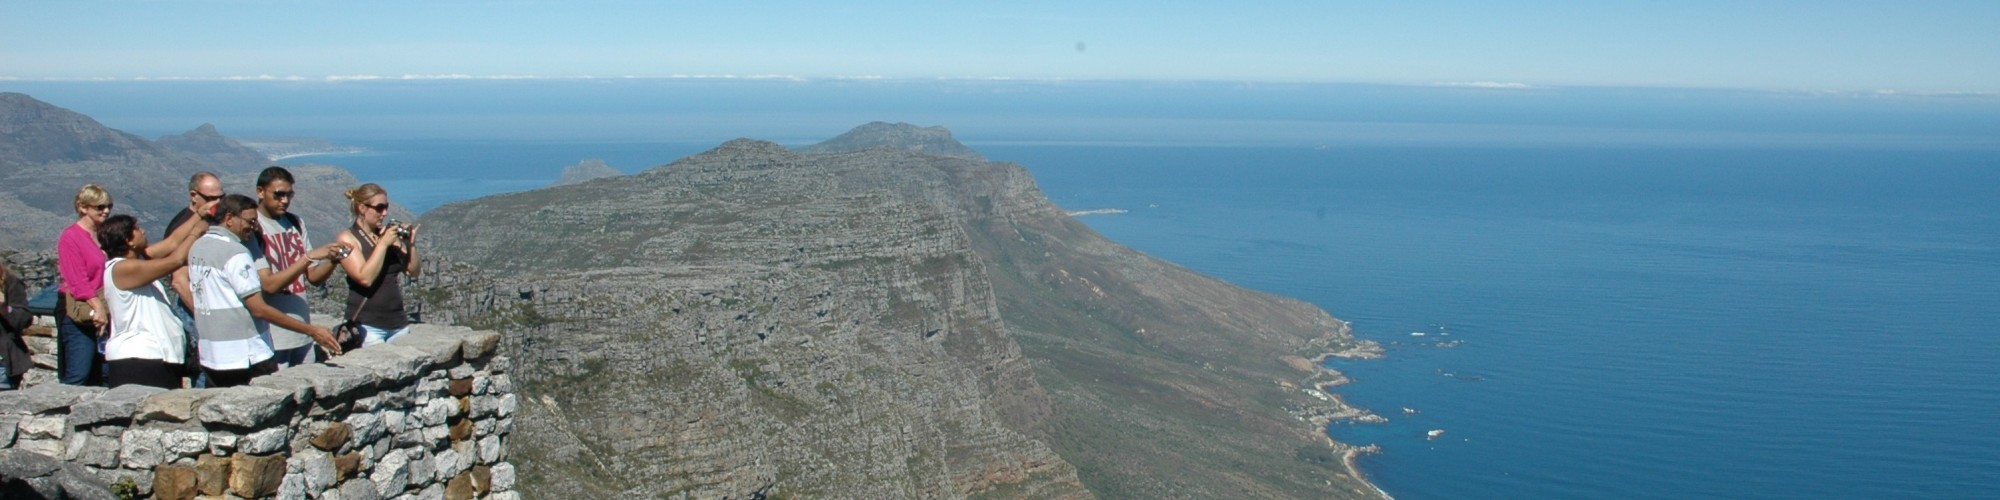 kenya2011-03-27_13